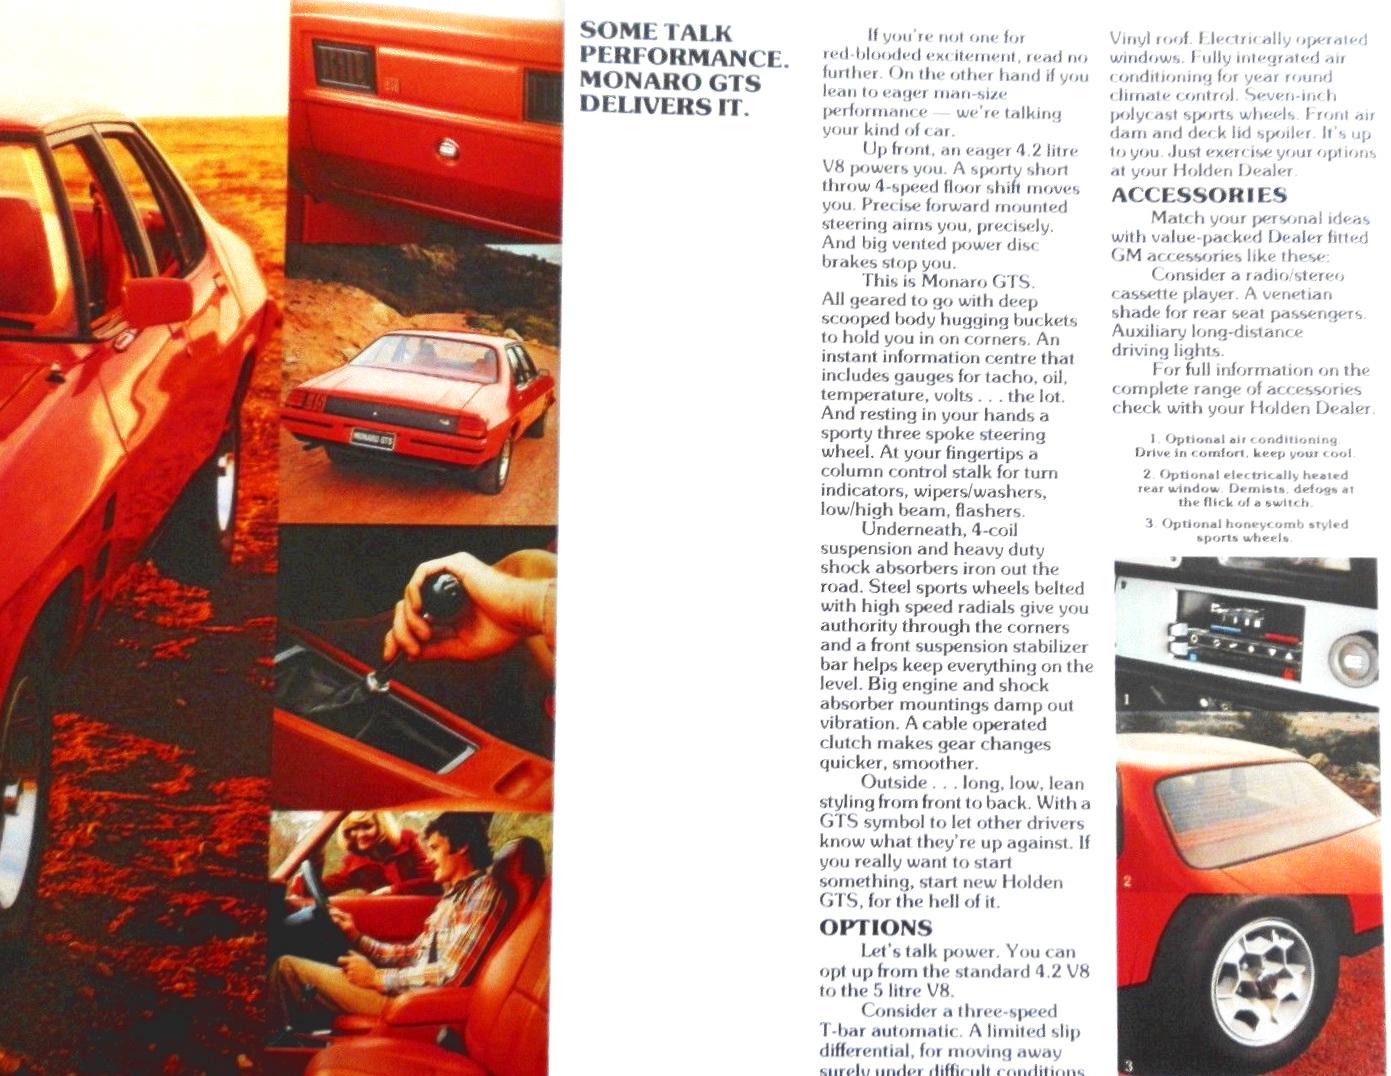 tunnelram.net_1976 Holden gts Monaro features.jpg